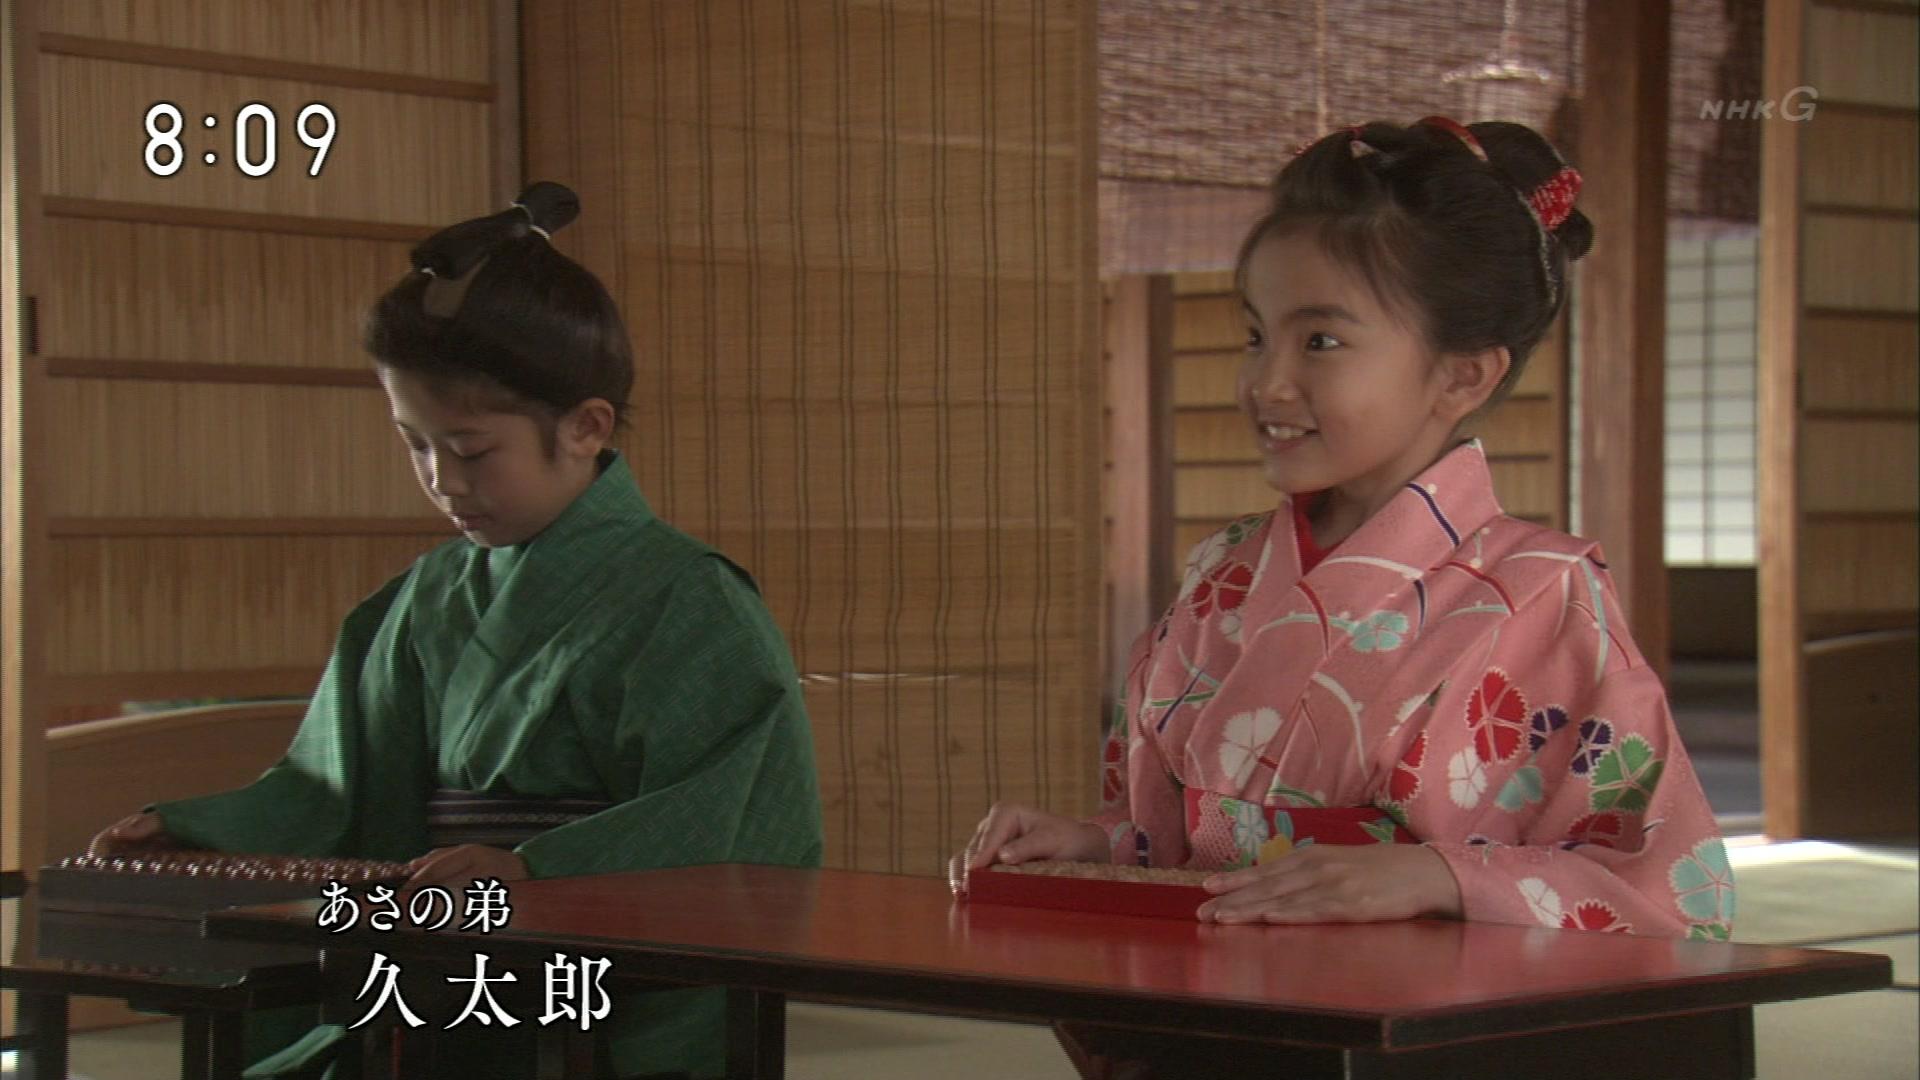 2015-10-03 08:00 連続テレビ小説 あさが来た(6)「小さな許嫁(いいなずけ)」 1777